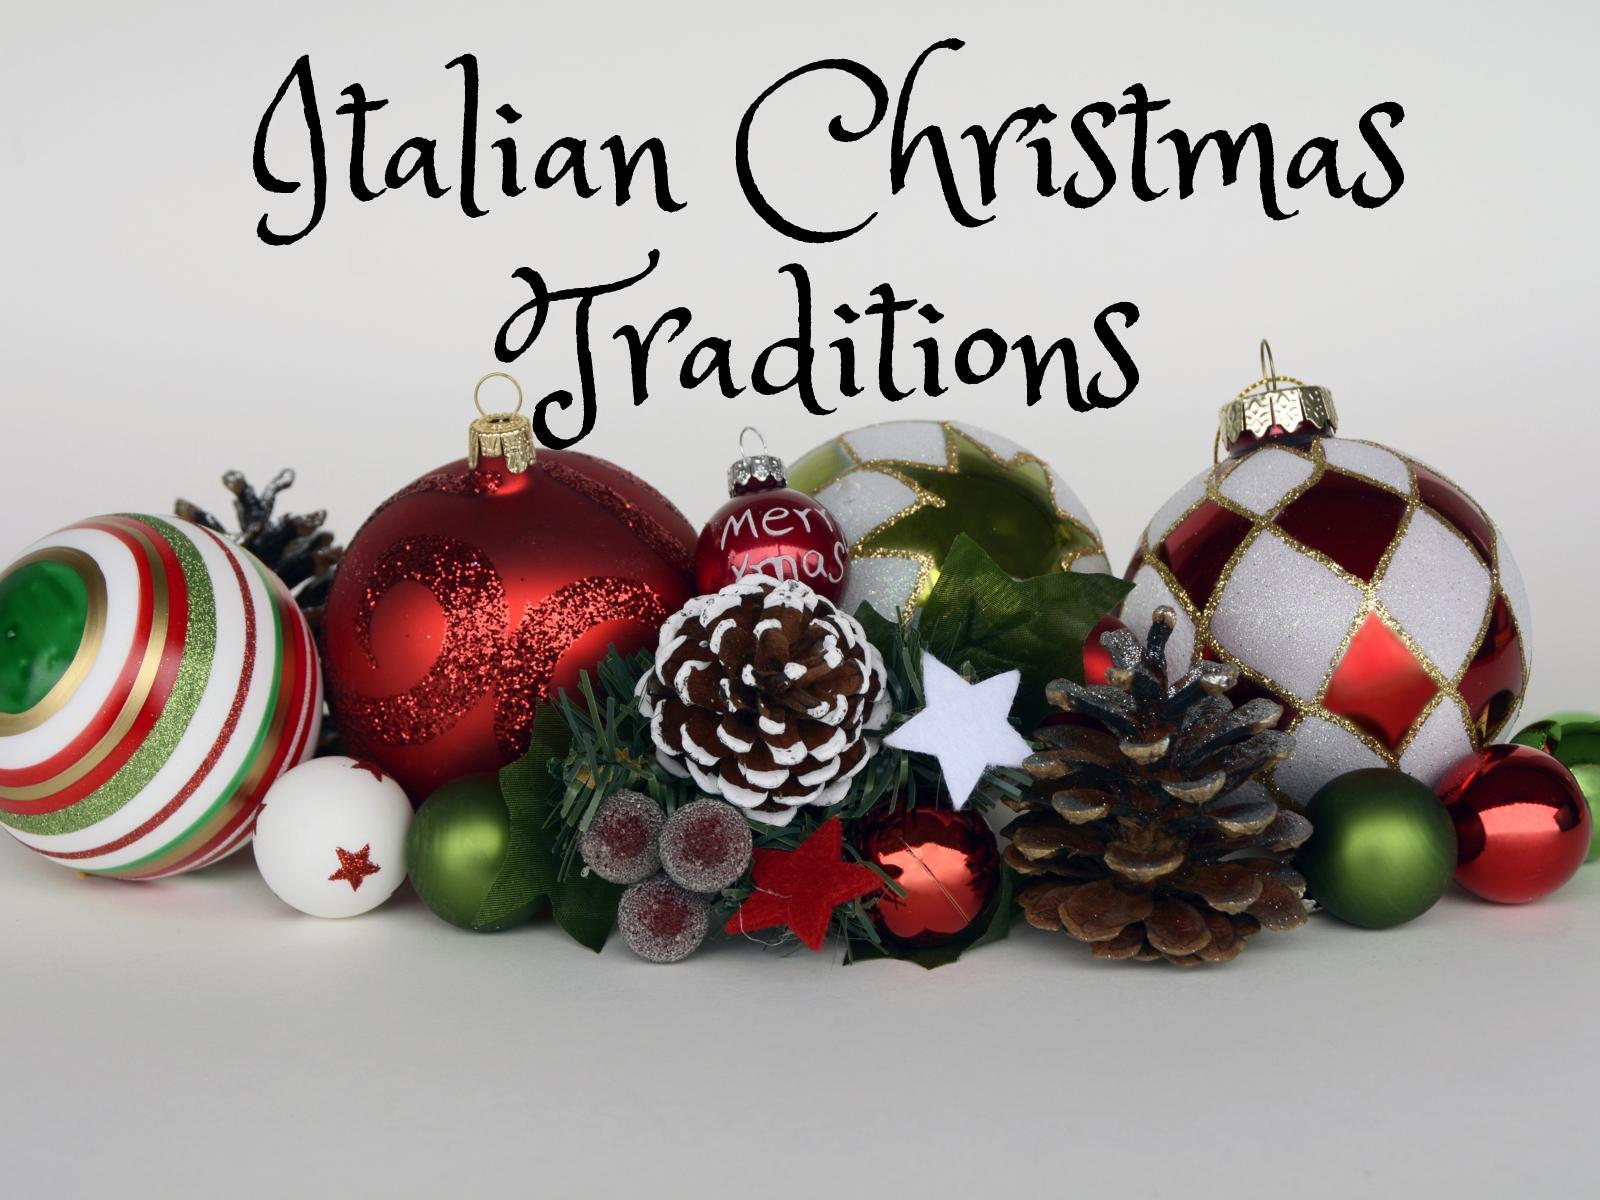 Italian Christmas.Calameo Italian Christmas Traditions